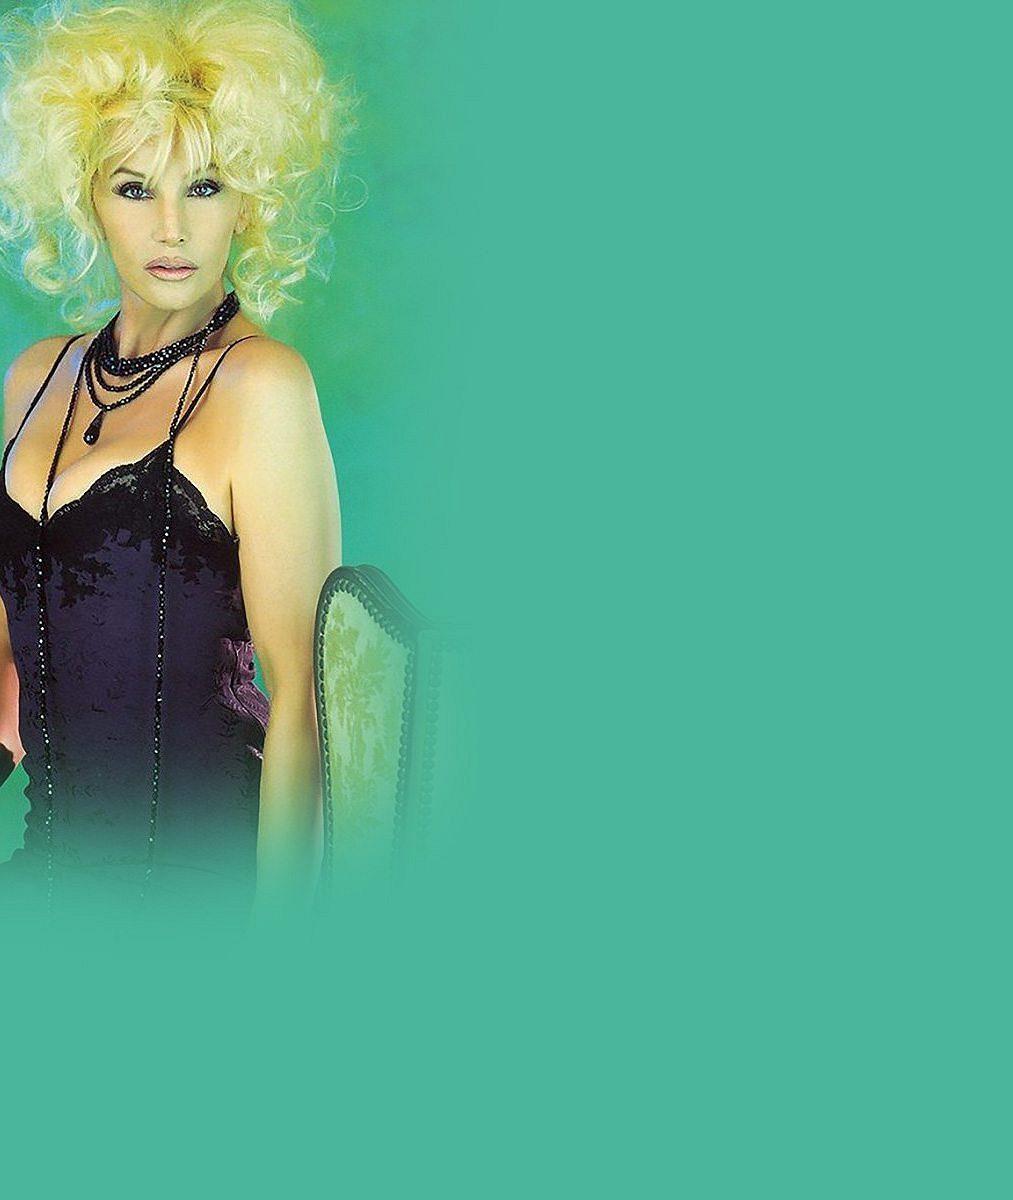 Vyretušovaná modelka (73) se hrdě prsí vkampani na spodní prádlo: Vcivilu ale seniorský věk nezapře